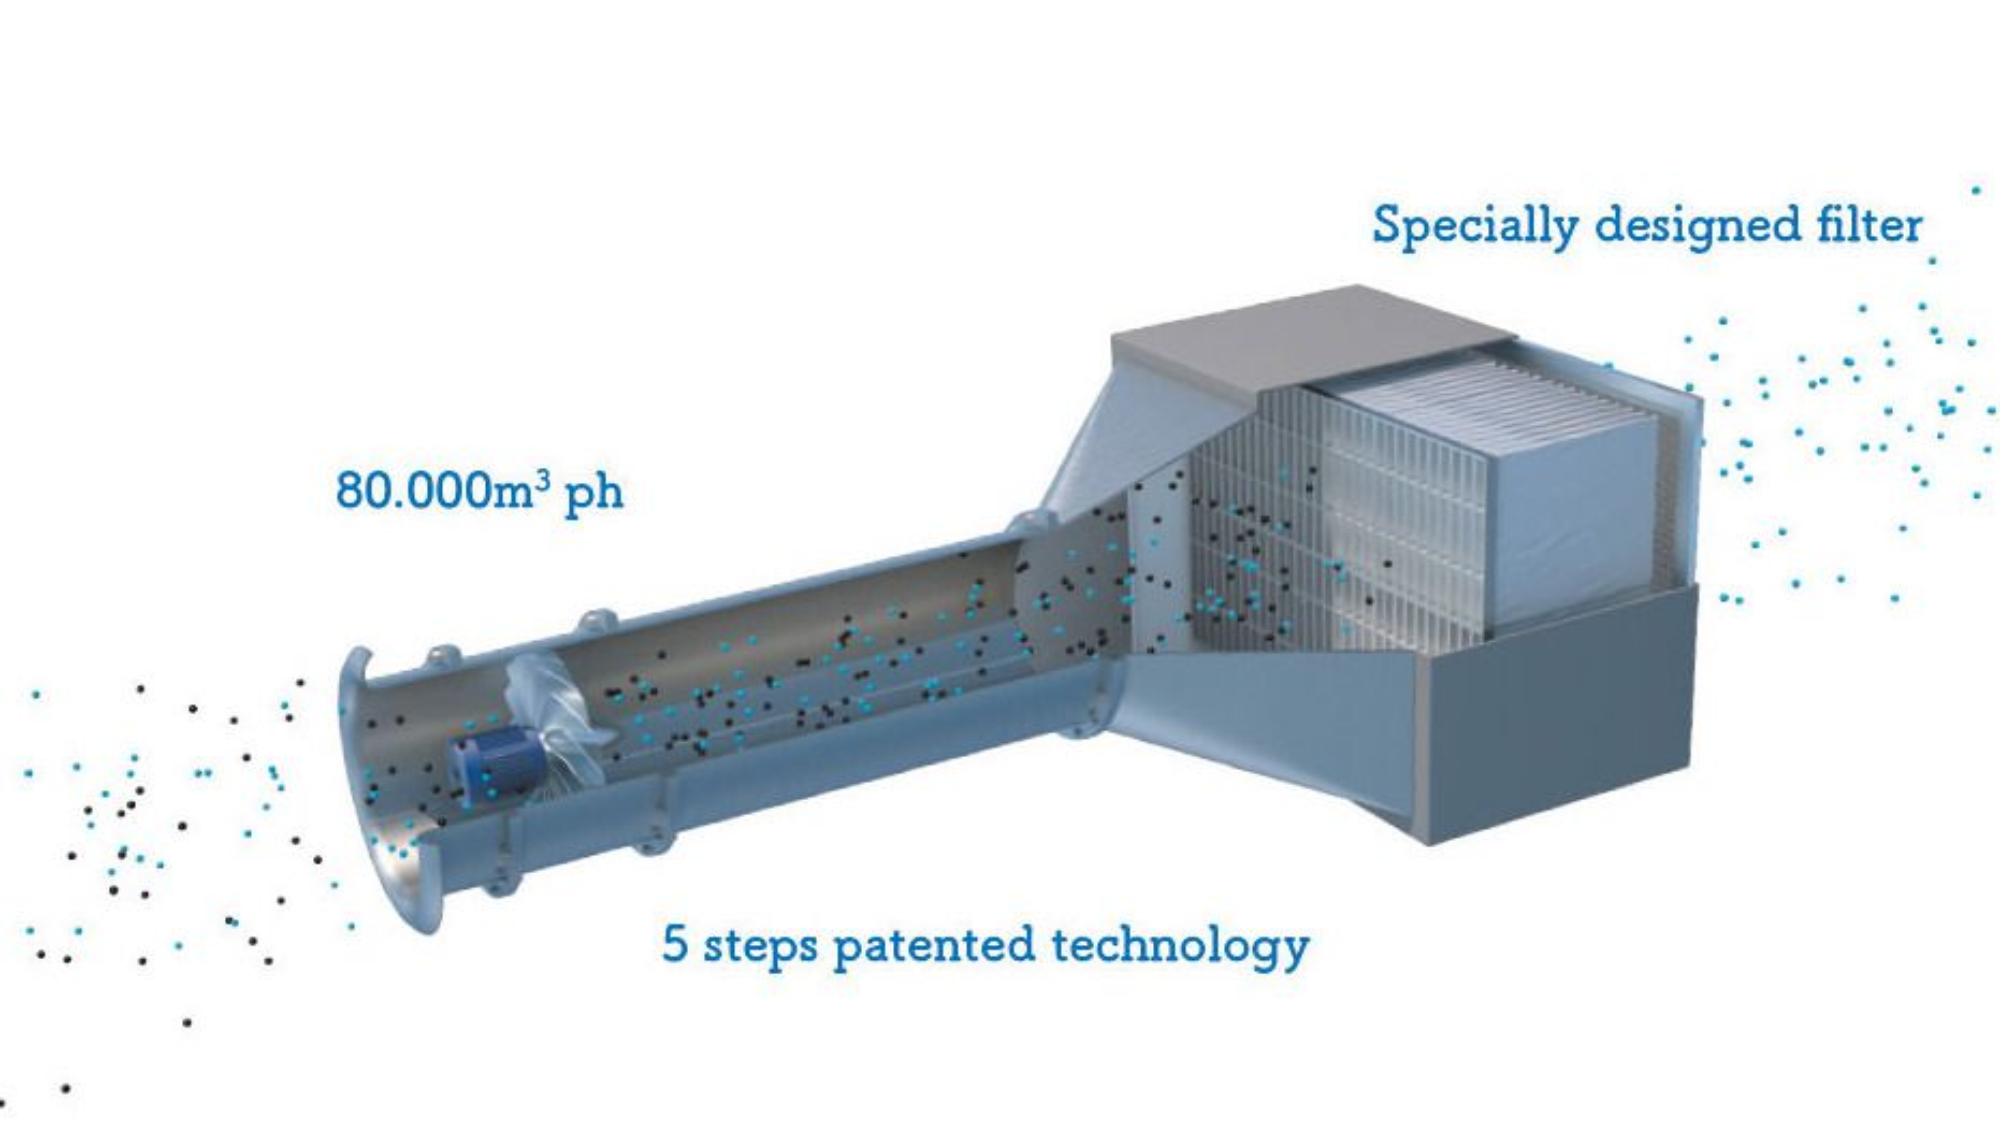 Denne maskinen støvsuger byluften, og fjerner det meste av svevestøvet. Systemfiltre filtrerer ut 100 prosent av fine partikler og 95 prosent av ultrafine partikler fra avgassen.